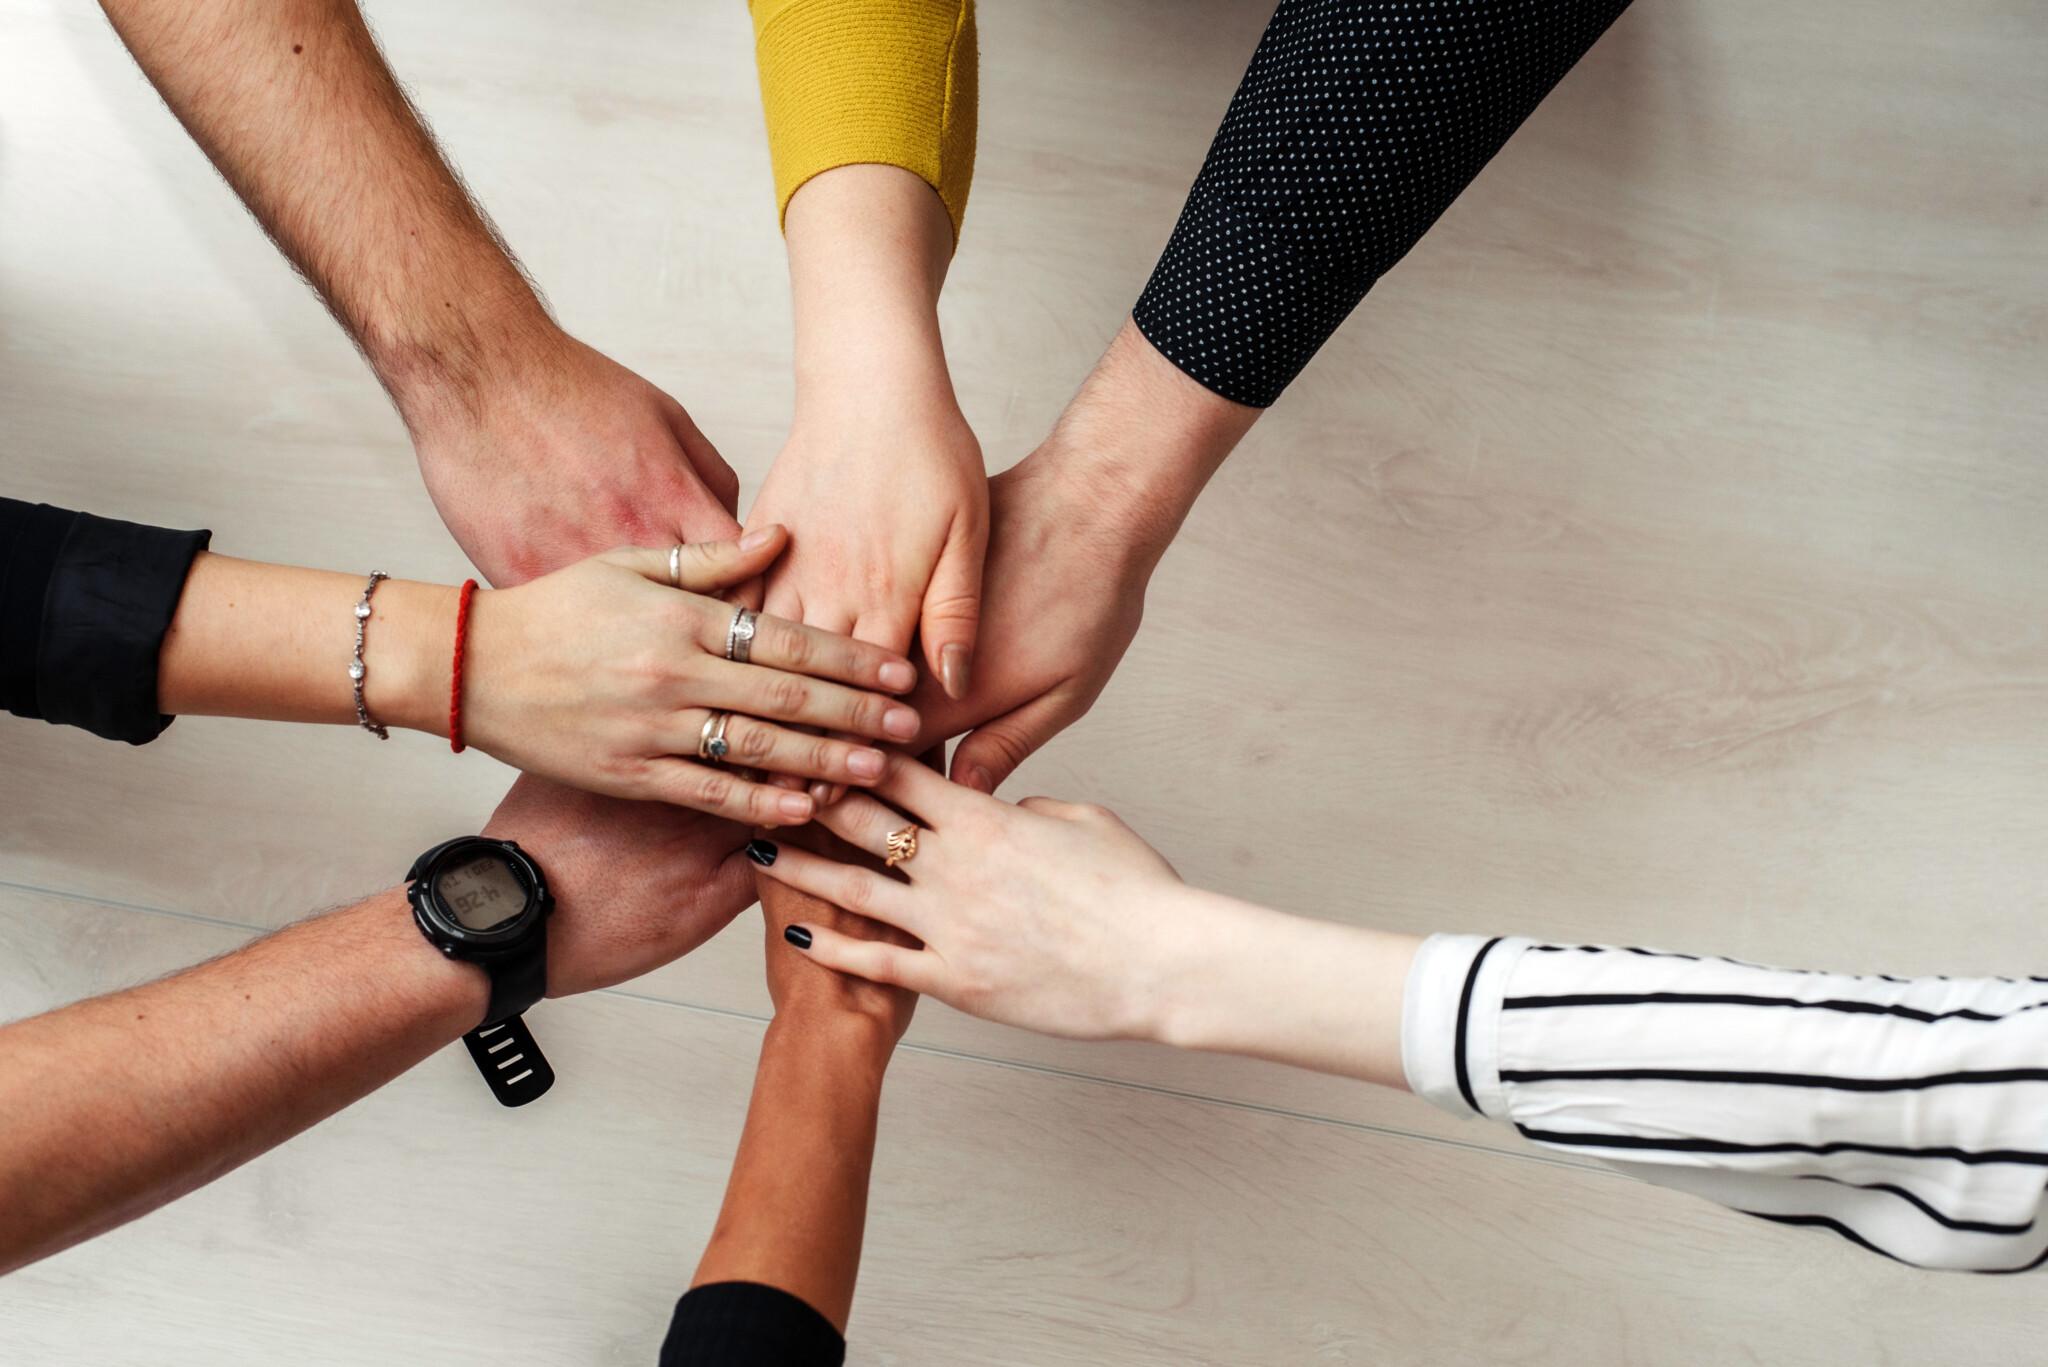 Die Rolle der gelebten interkulturellen Kompetenz im internationalen Umfeld